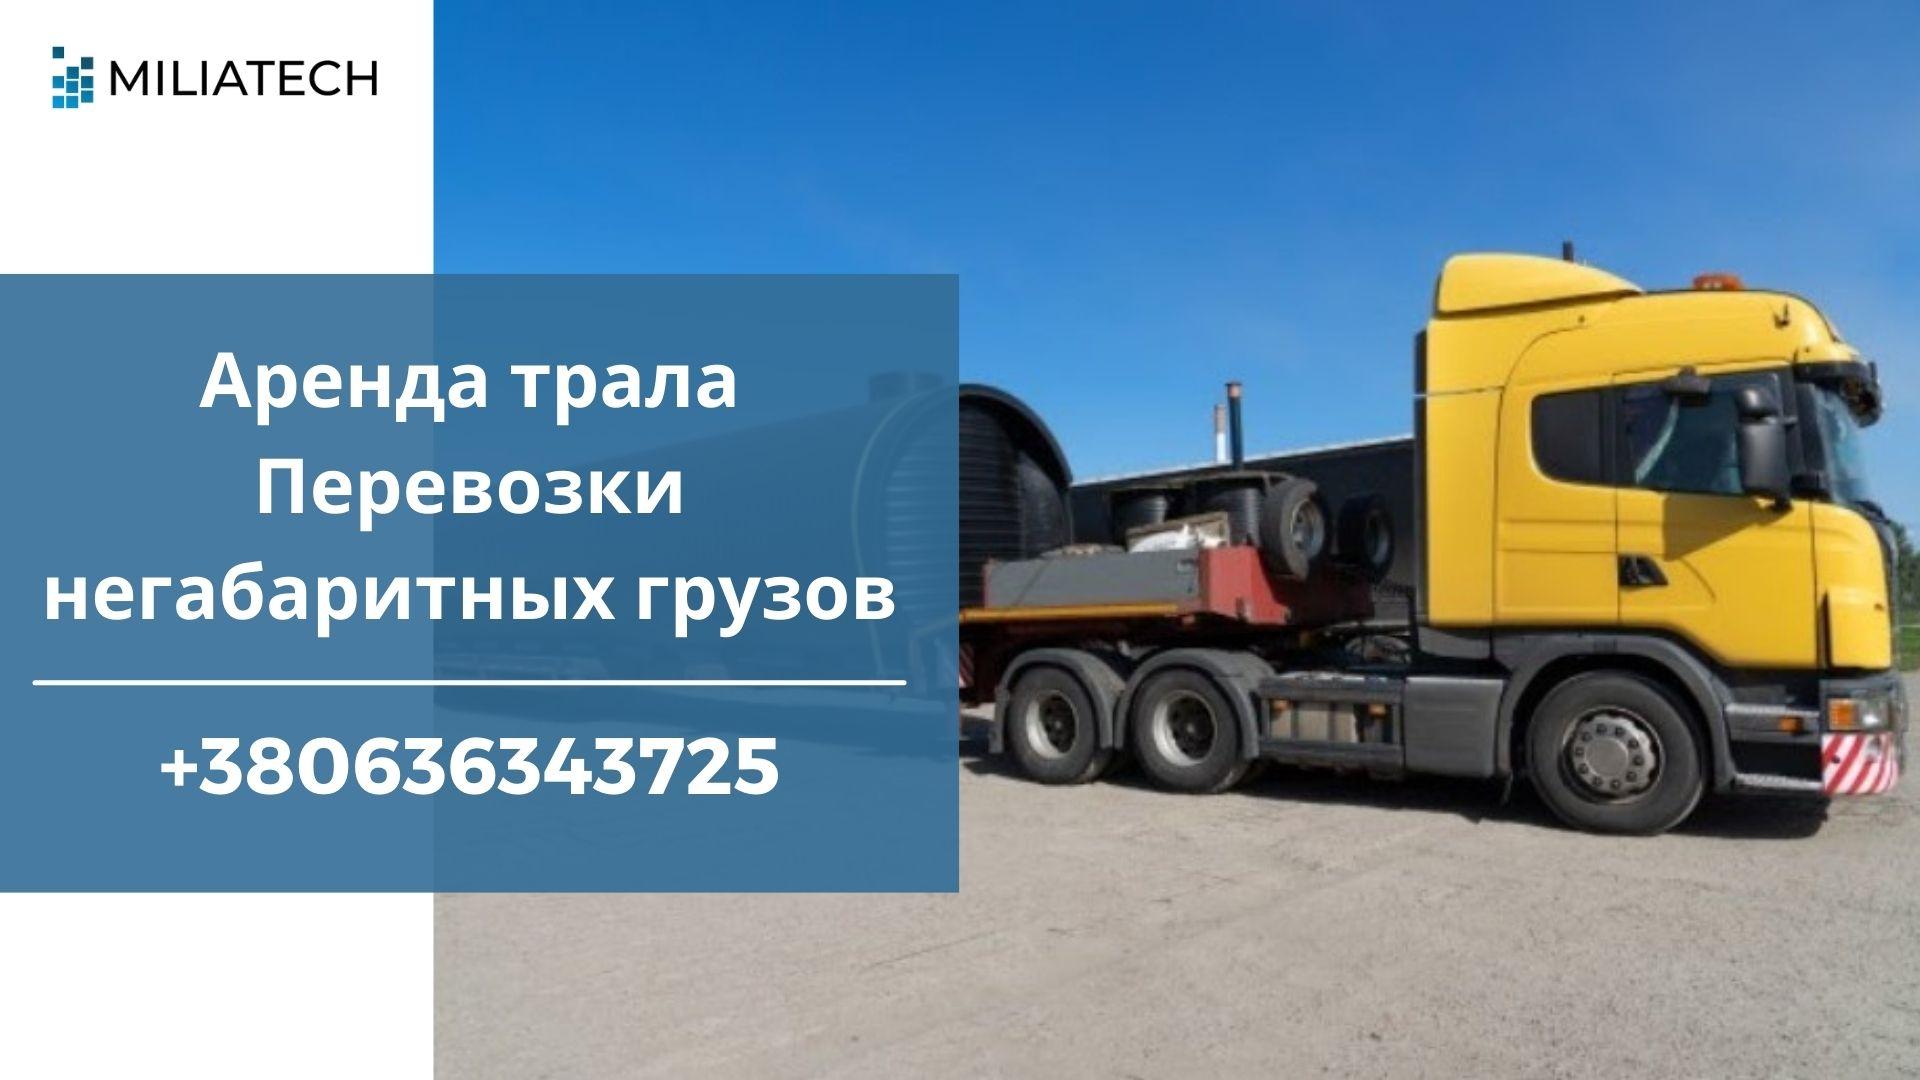 Услуги по перевозке негабаритных грузов